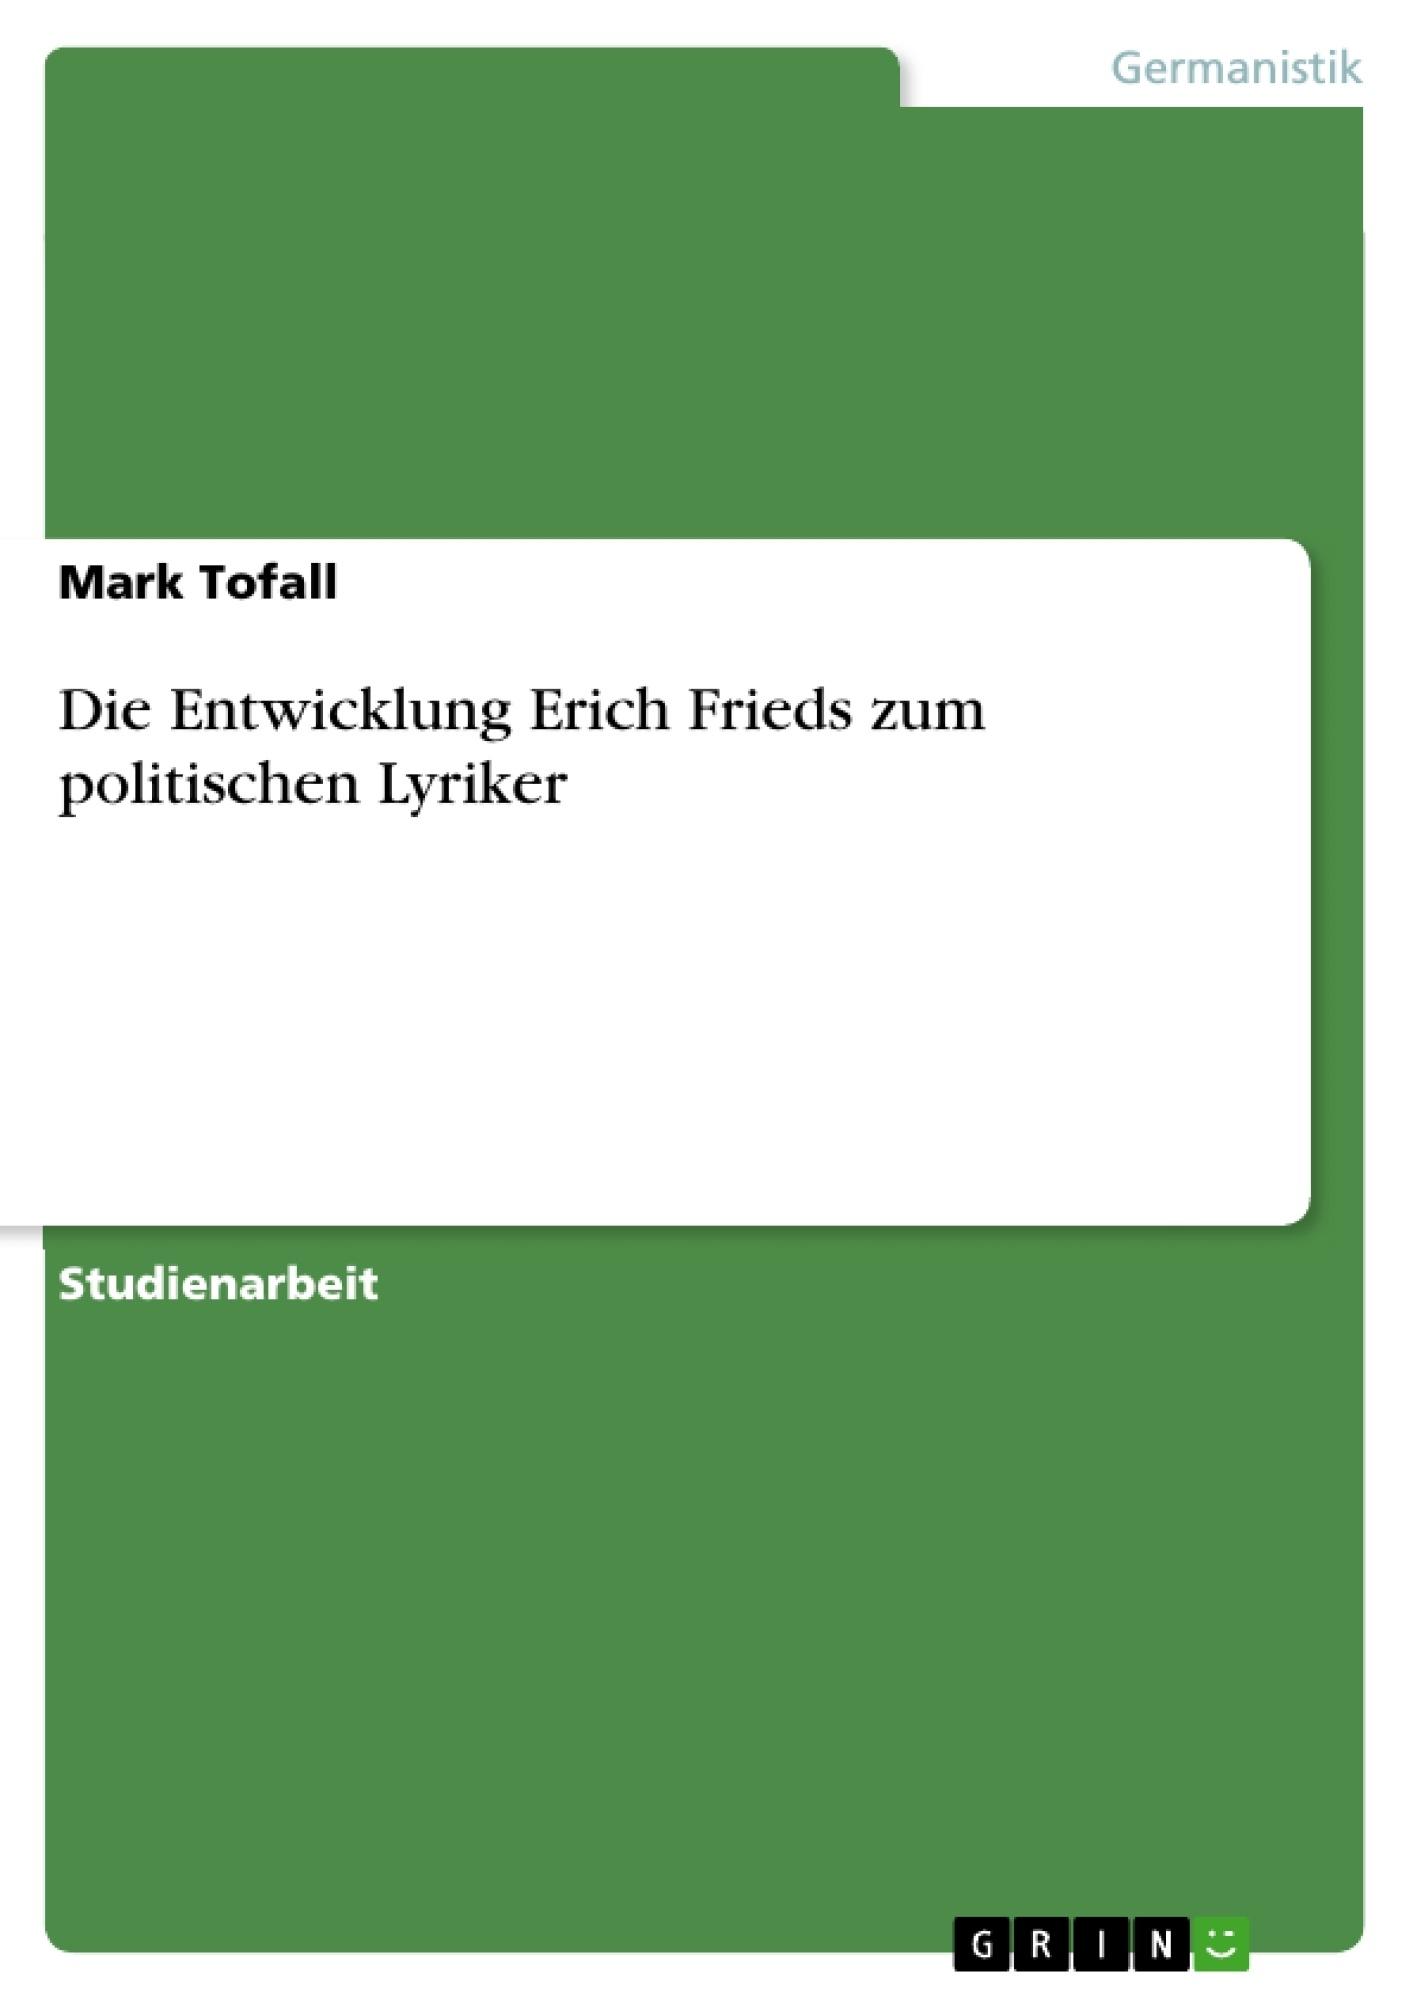 Titel: Die Entwicklung Erich Frieds zum politischen Lyriker